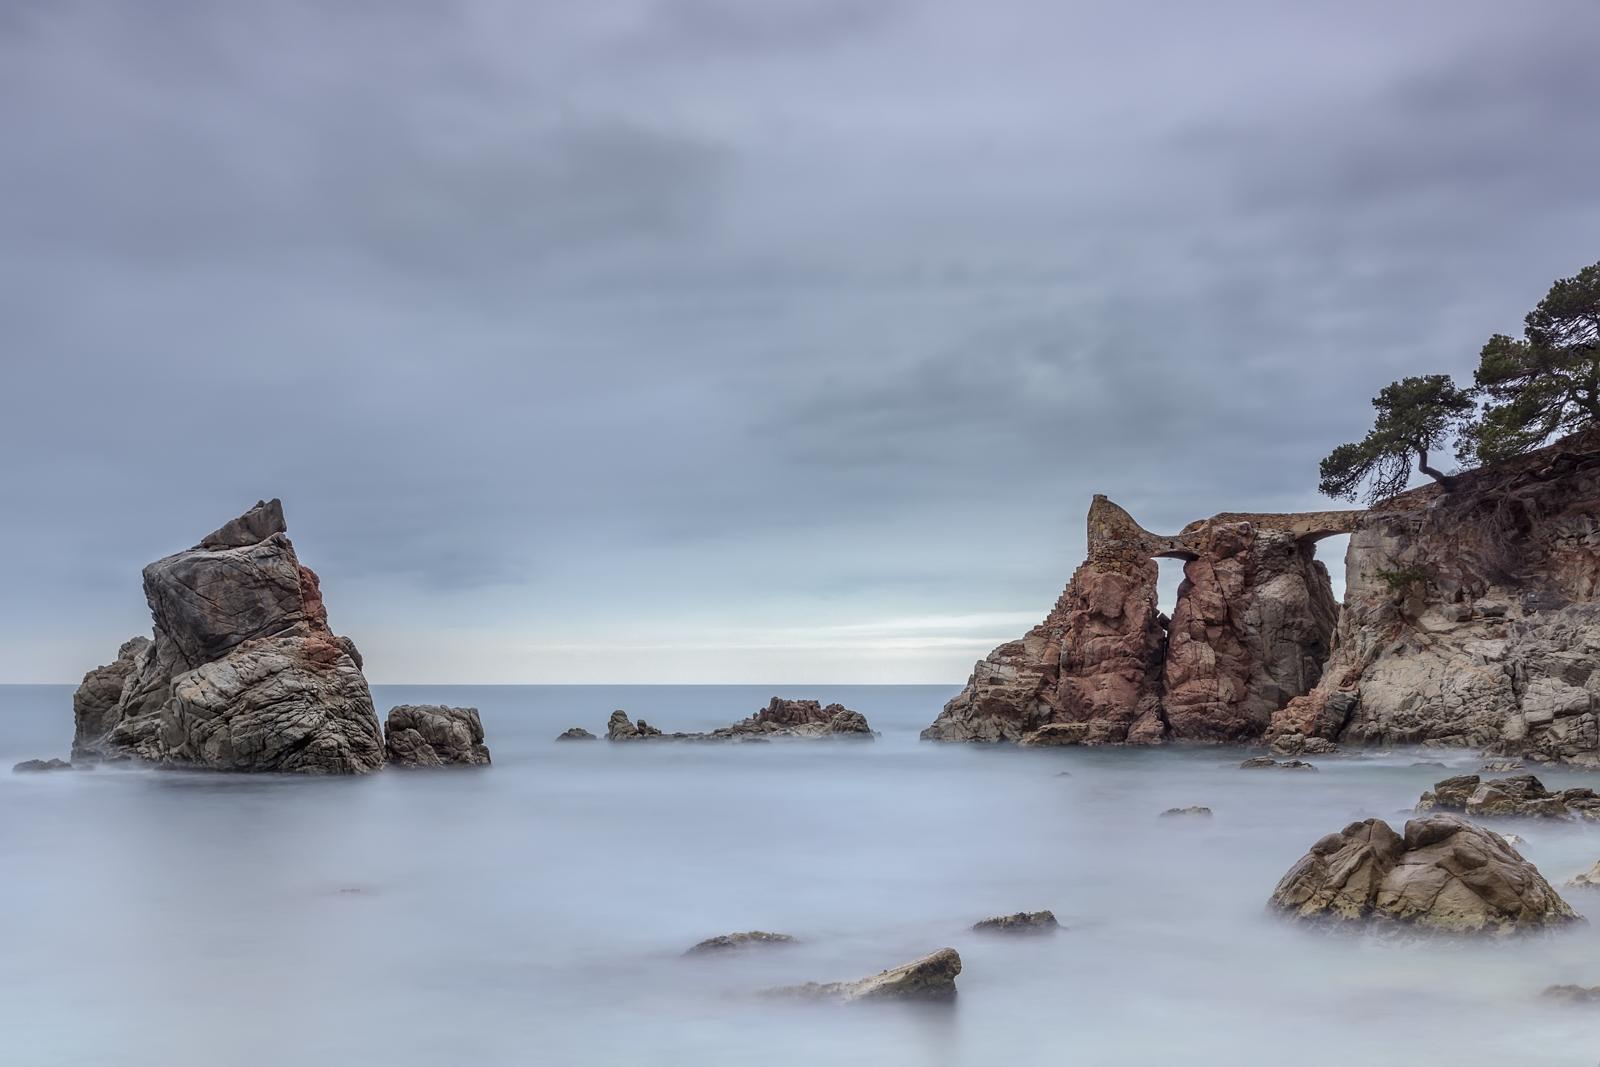 Fotografía Paisaje Cala Frares Lloret de mar, Larga exposición, Canon 60D,Danilatorre,danilatorre, Dani Latorre, daniel Latorre